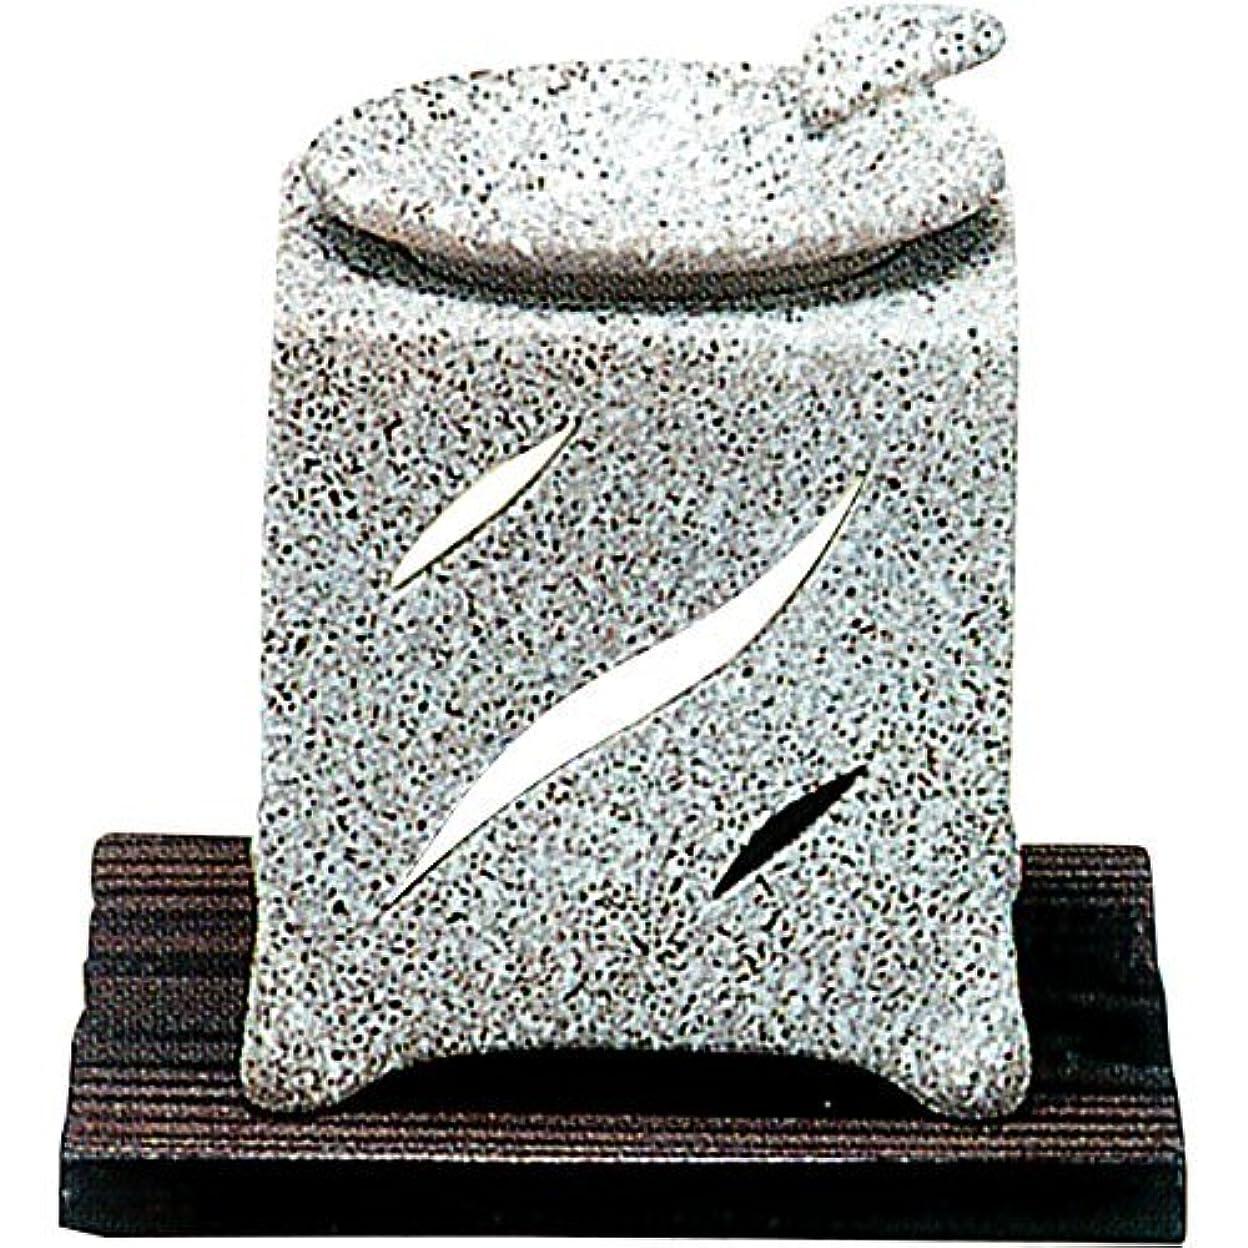 相手生き返らせる置換常滑焼 5-261 山房石風角形茶香炉 山房10×10×H12㎝